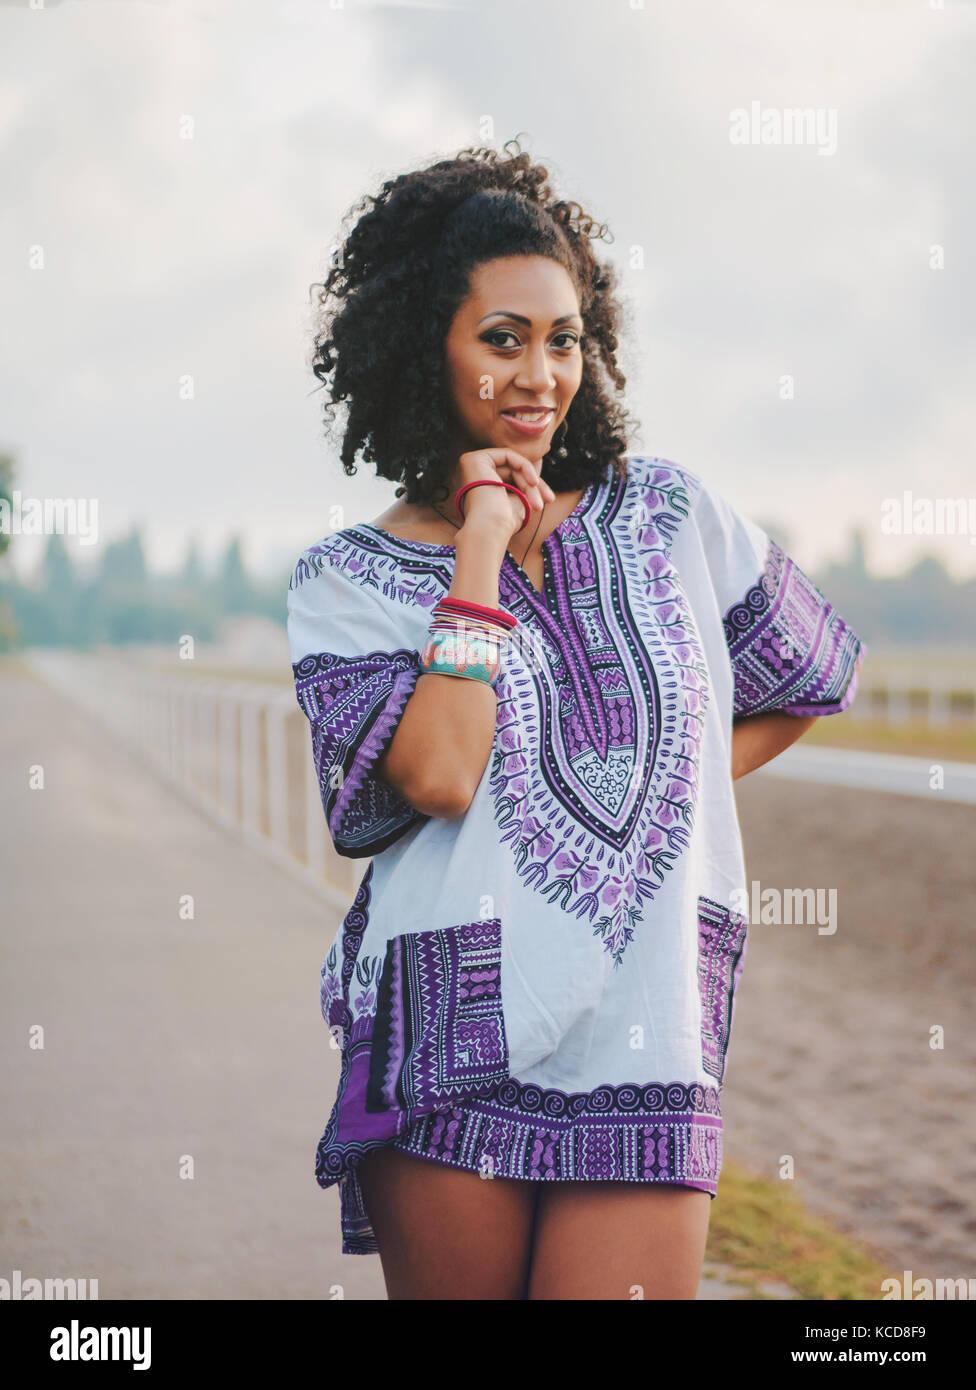 232223ceb Feliz hermosa mujer afro-americanos en el exterior. Los jóvenes ...